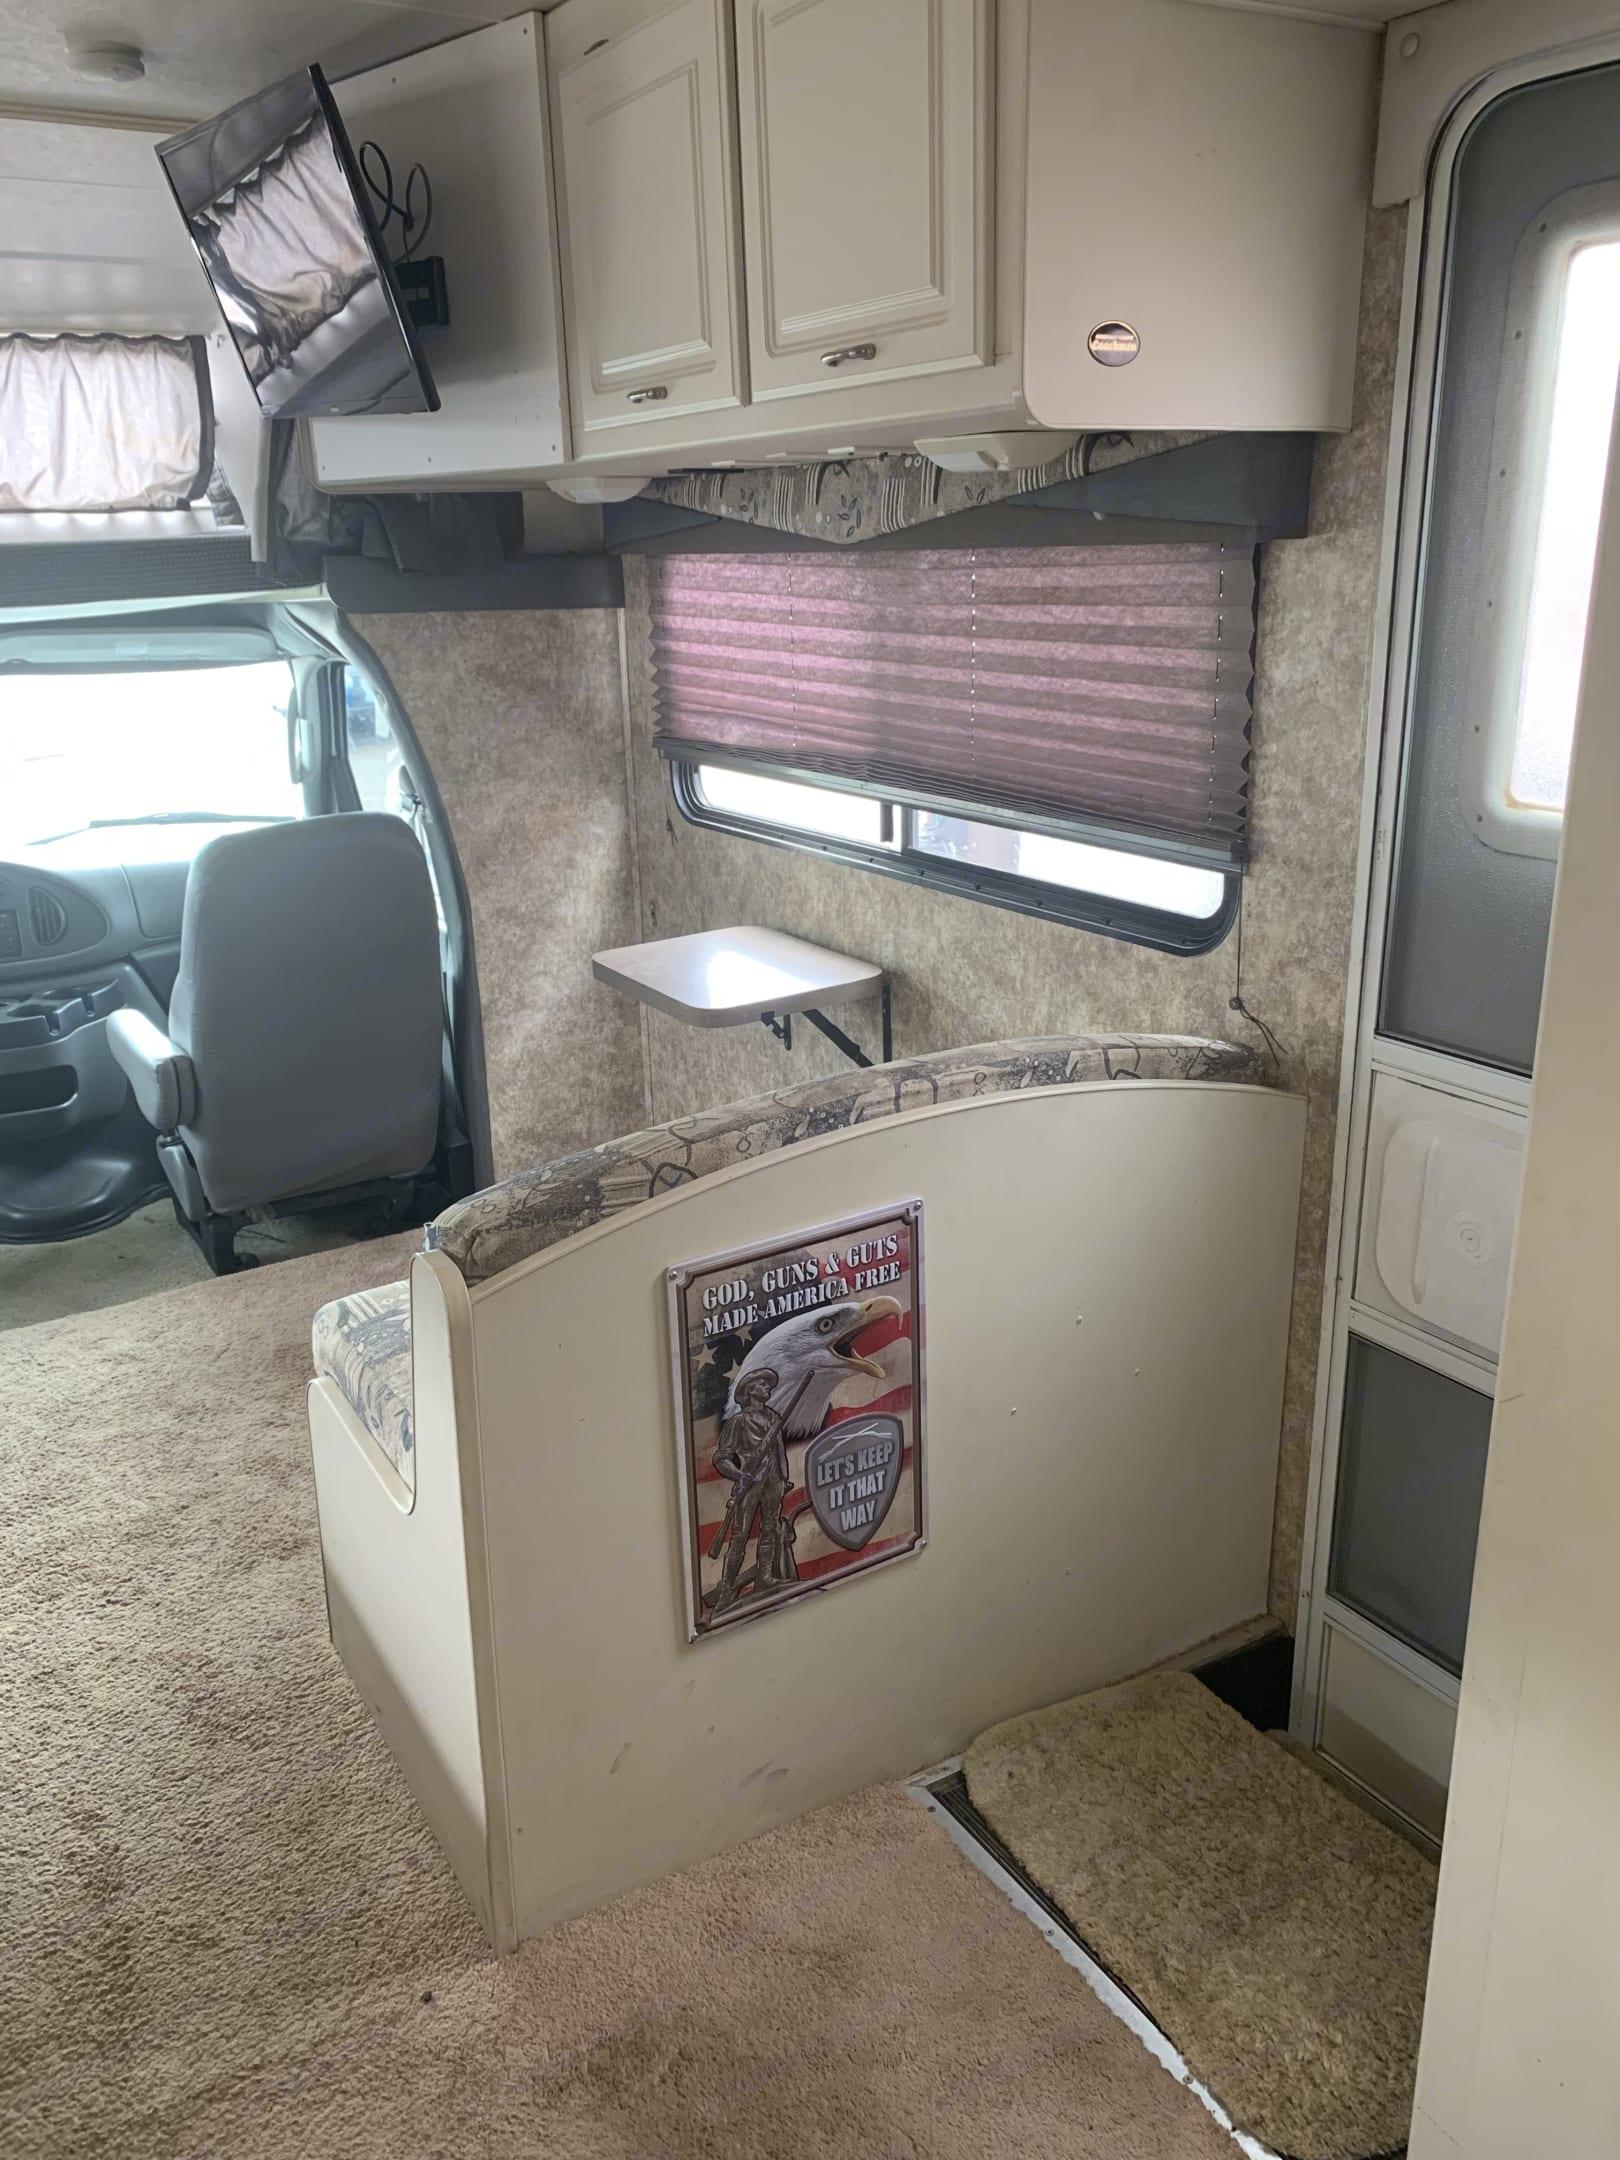 Ford Coachman 450 2006